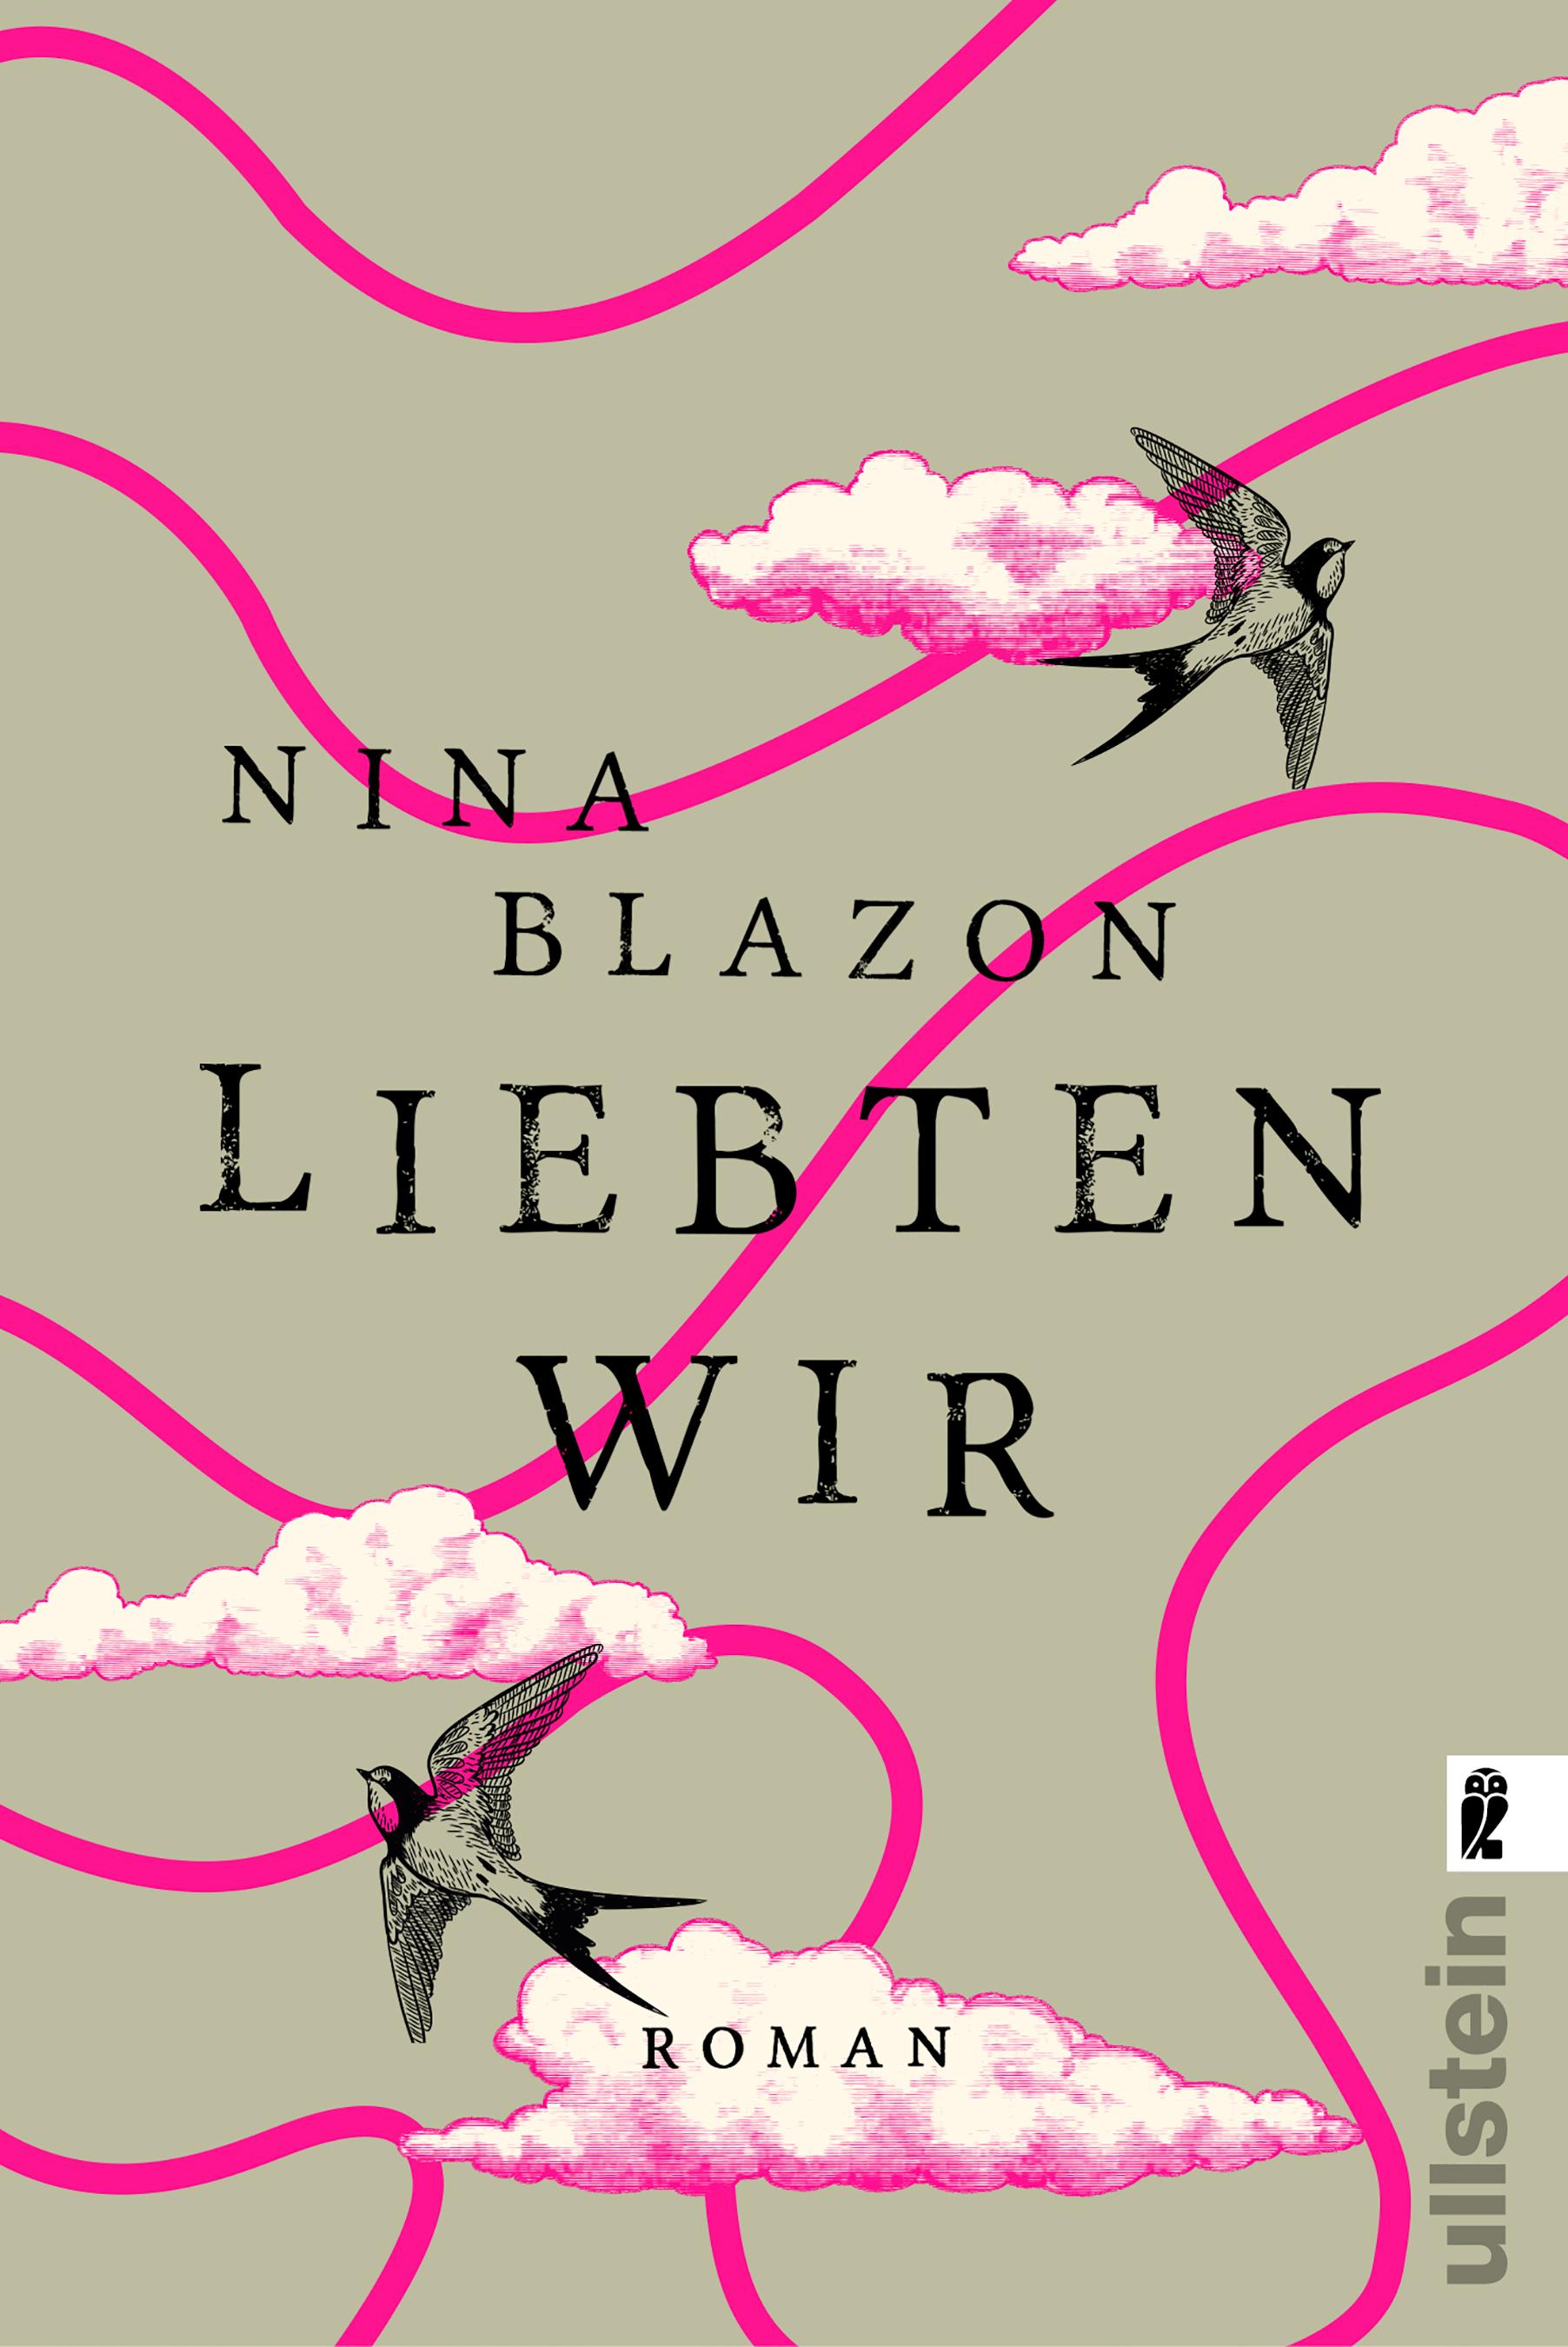 Liebten wir - Nina Blazon